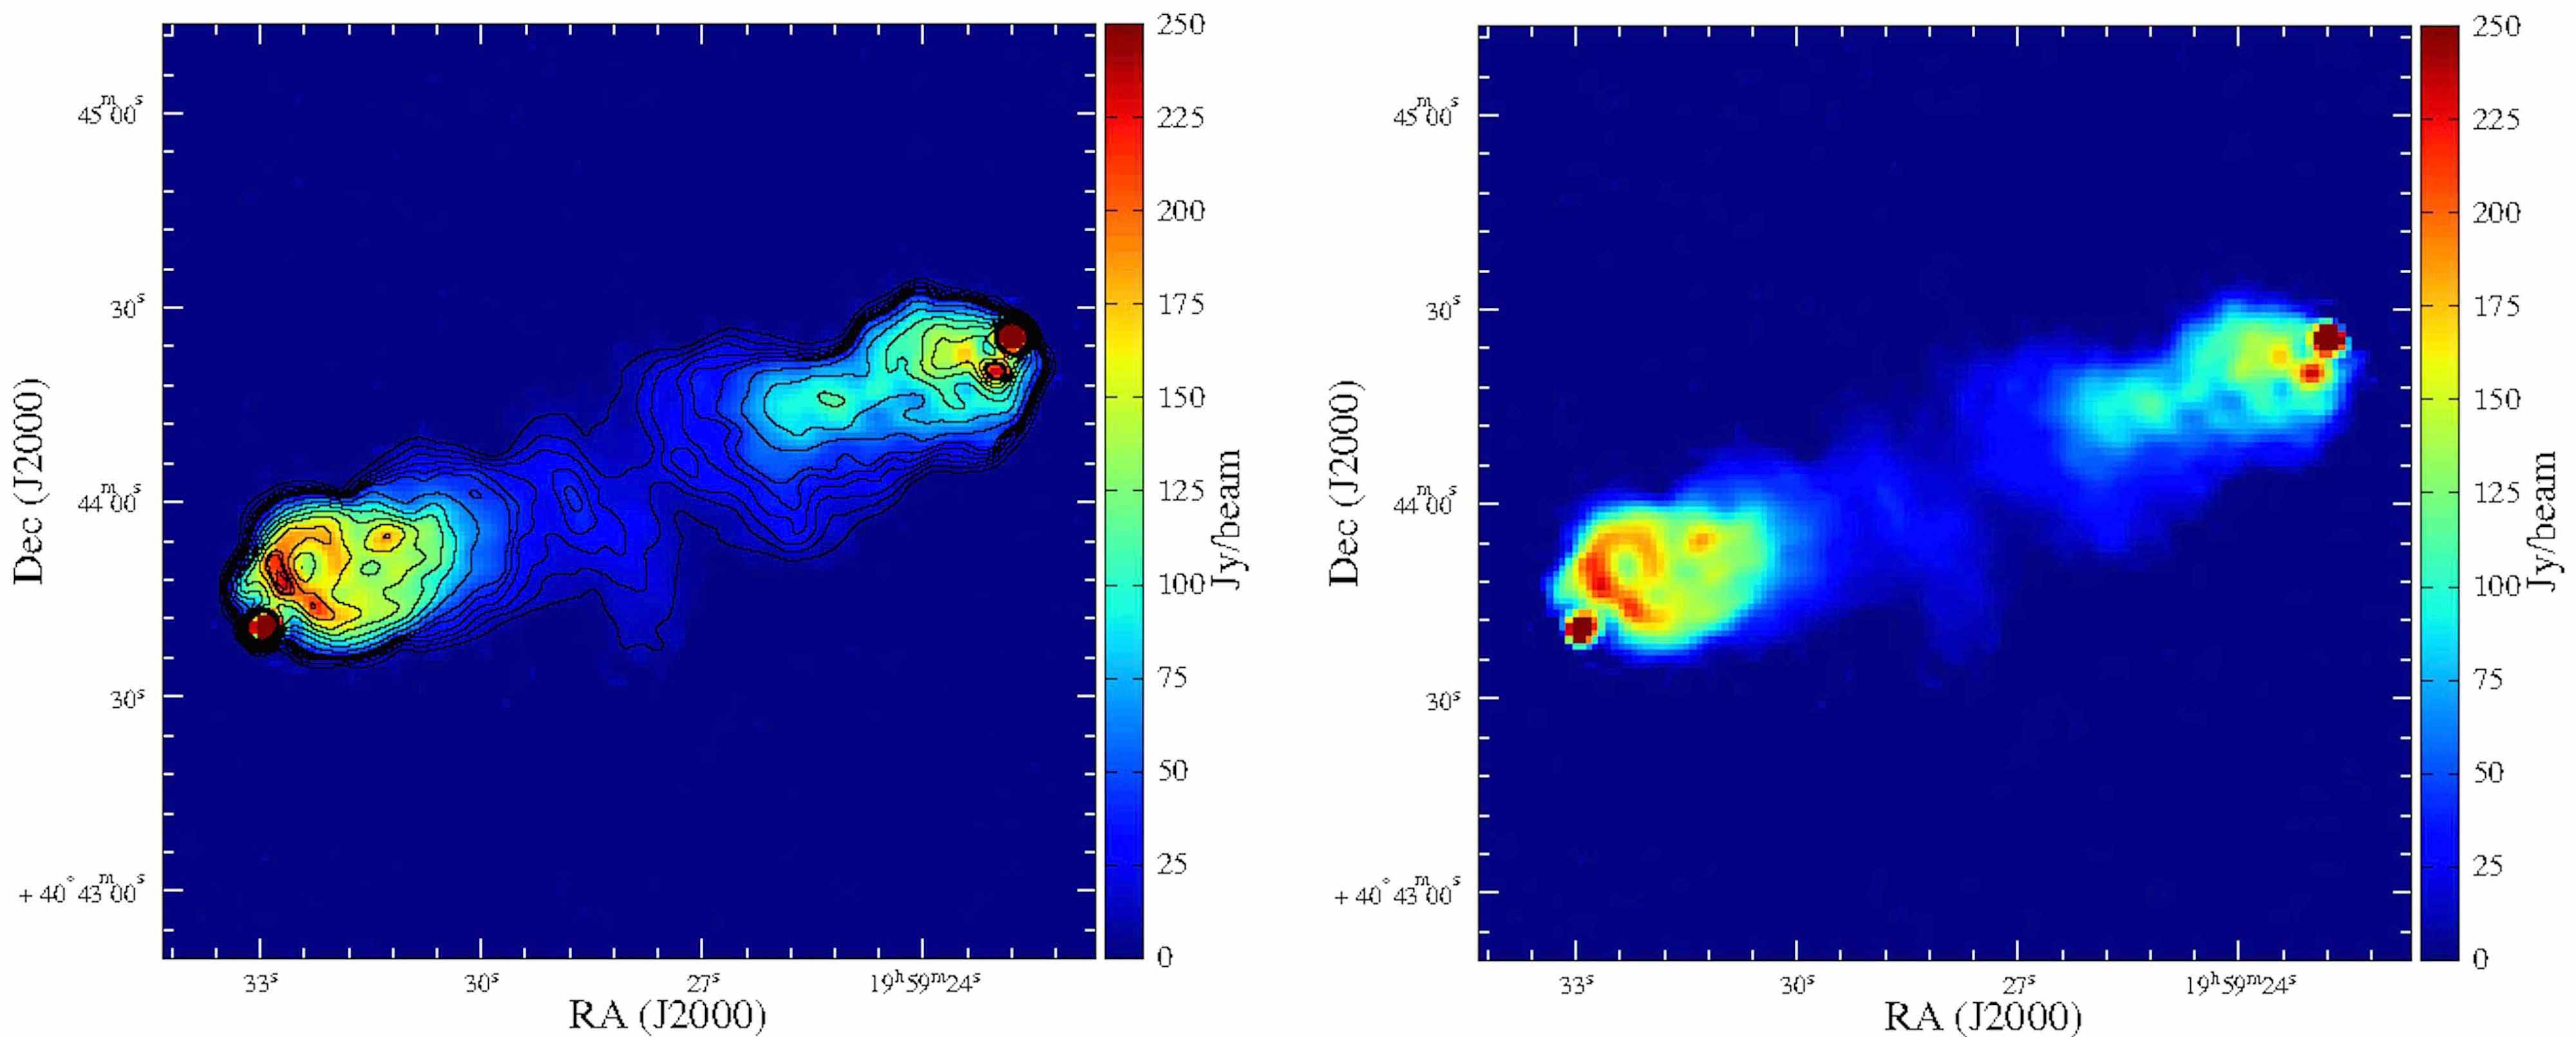 Imagerie super-résolue pour les radiotélescopes géants